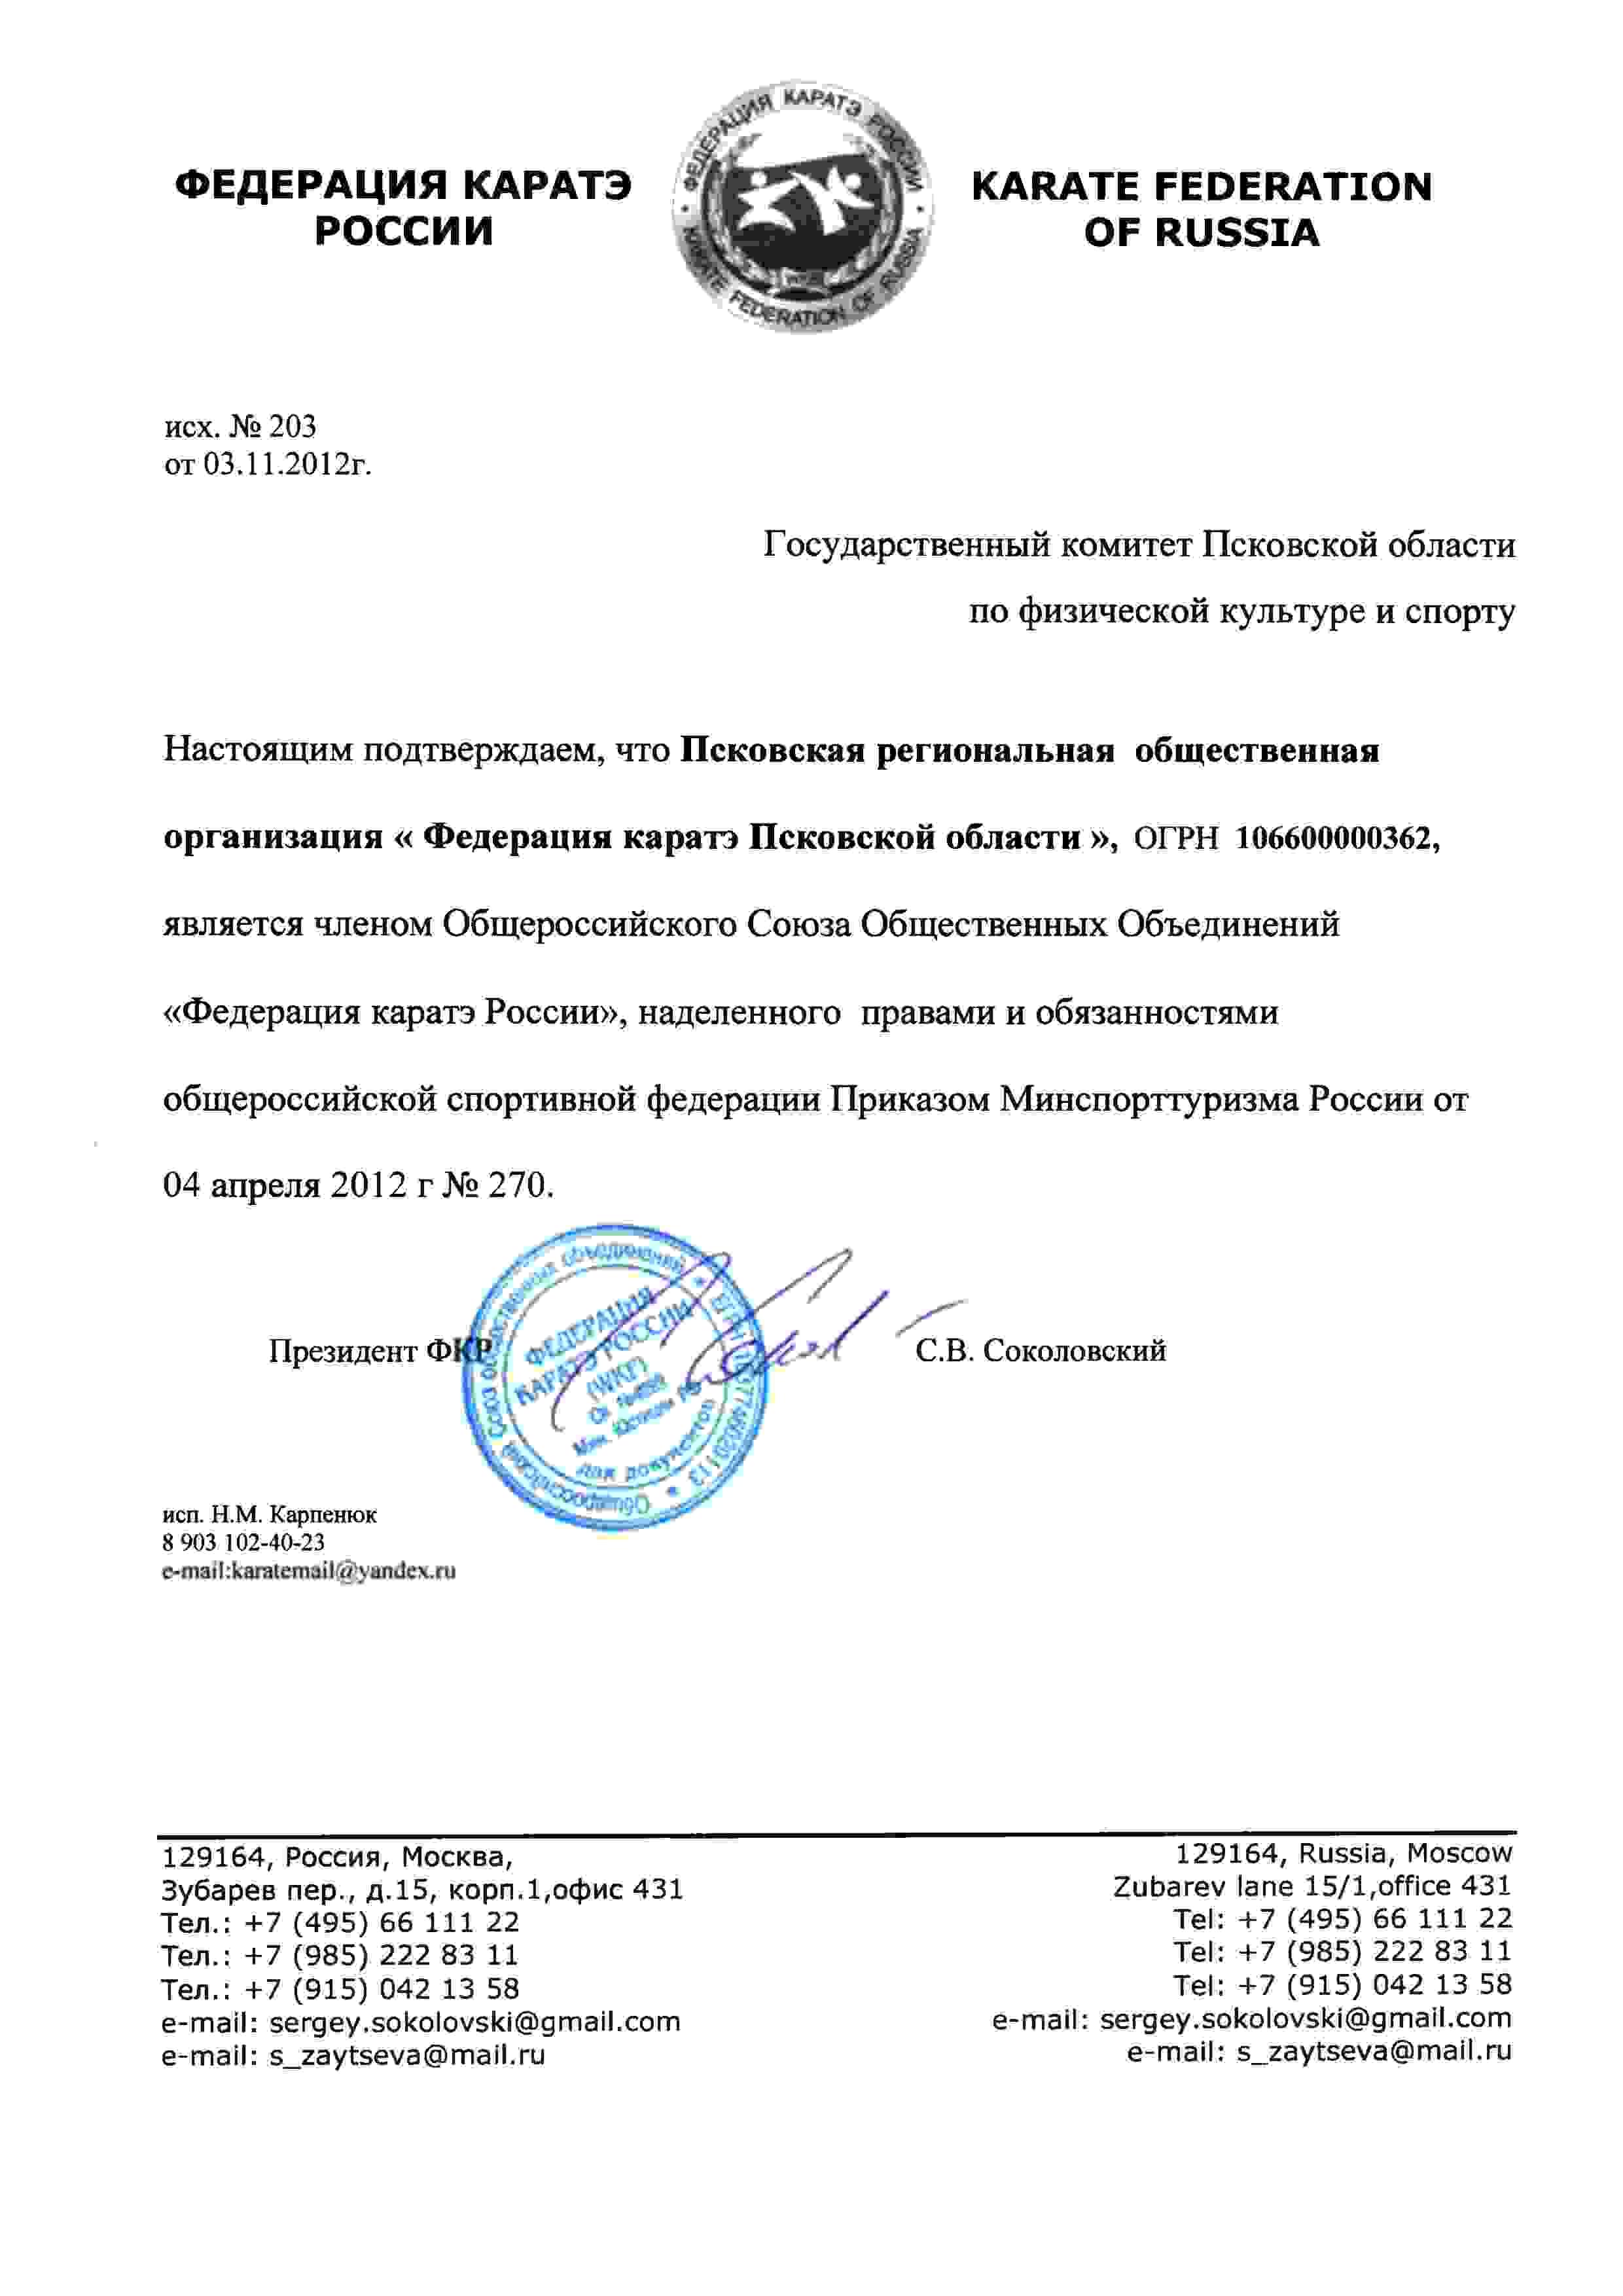 Членство в Федерации Каратэ России